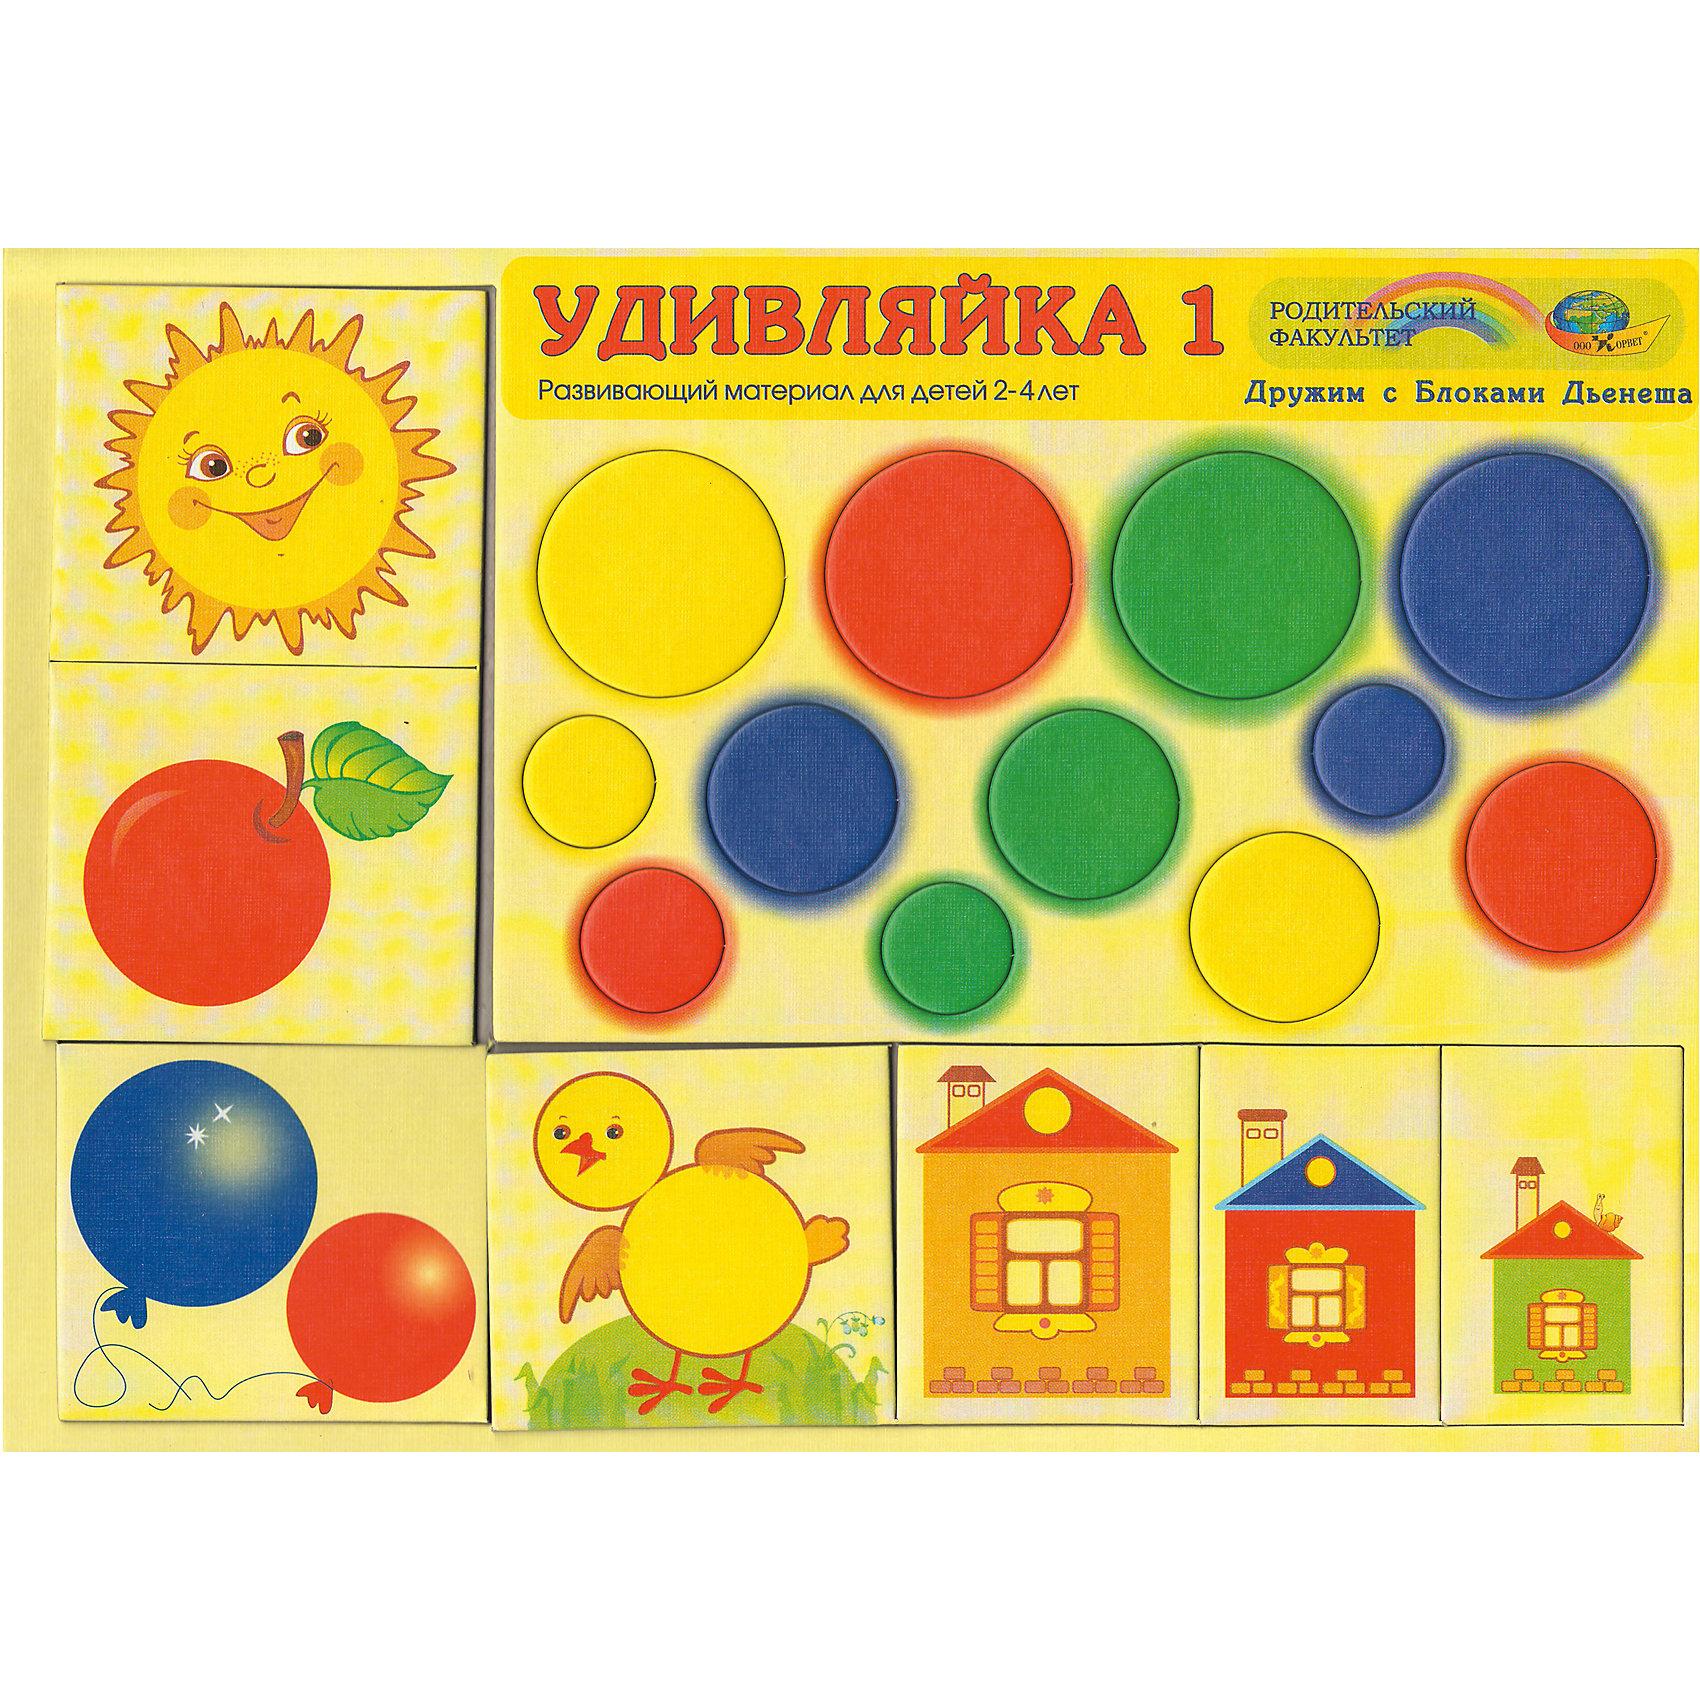 Развивающая игра Удивляйка 1. С блоками ДьенешаПособия для обучения счёту<br>Состав игры Удивляйка 1 -12 кругов четырех цветов и трех размеров, 3 домика разных размеров. Малыши смогут научиться различать круг, треугольник, квадрат; выделять свойства (цвет и размер); сравнивать и группировать. Это первые шаги в освоении логики, опыт конструирования из геометрических фигур. Игровые упражнения Удивляек – начальная ступень к играм с логическими блоками Дьенеша.<br><br>Ширина мм: 30<br>Глубина мм: 21<br>Высота мм: 1<br>Вес г: 140<br>Возраст от месяцев: 24<br>Возраст до месяцев: 48<br>Пол: Унисекс<br>Возраст: Детский<br>SKU: 4803008